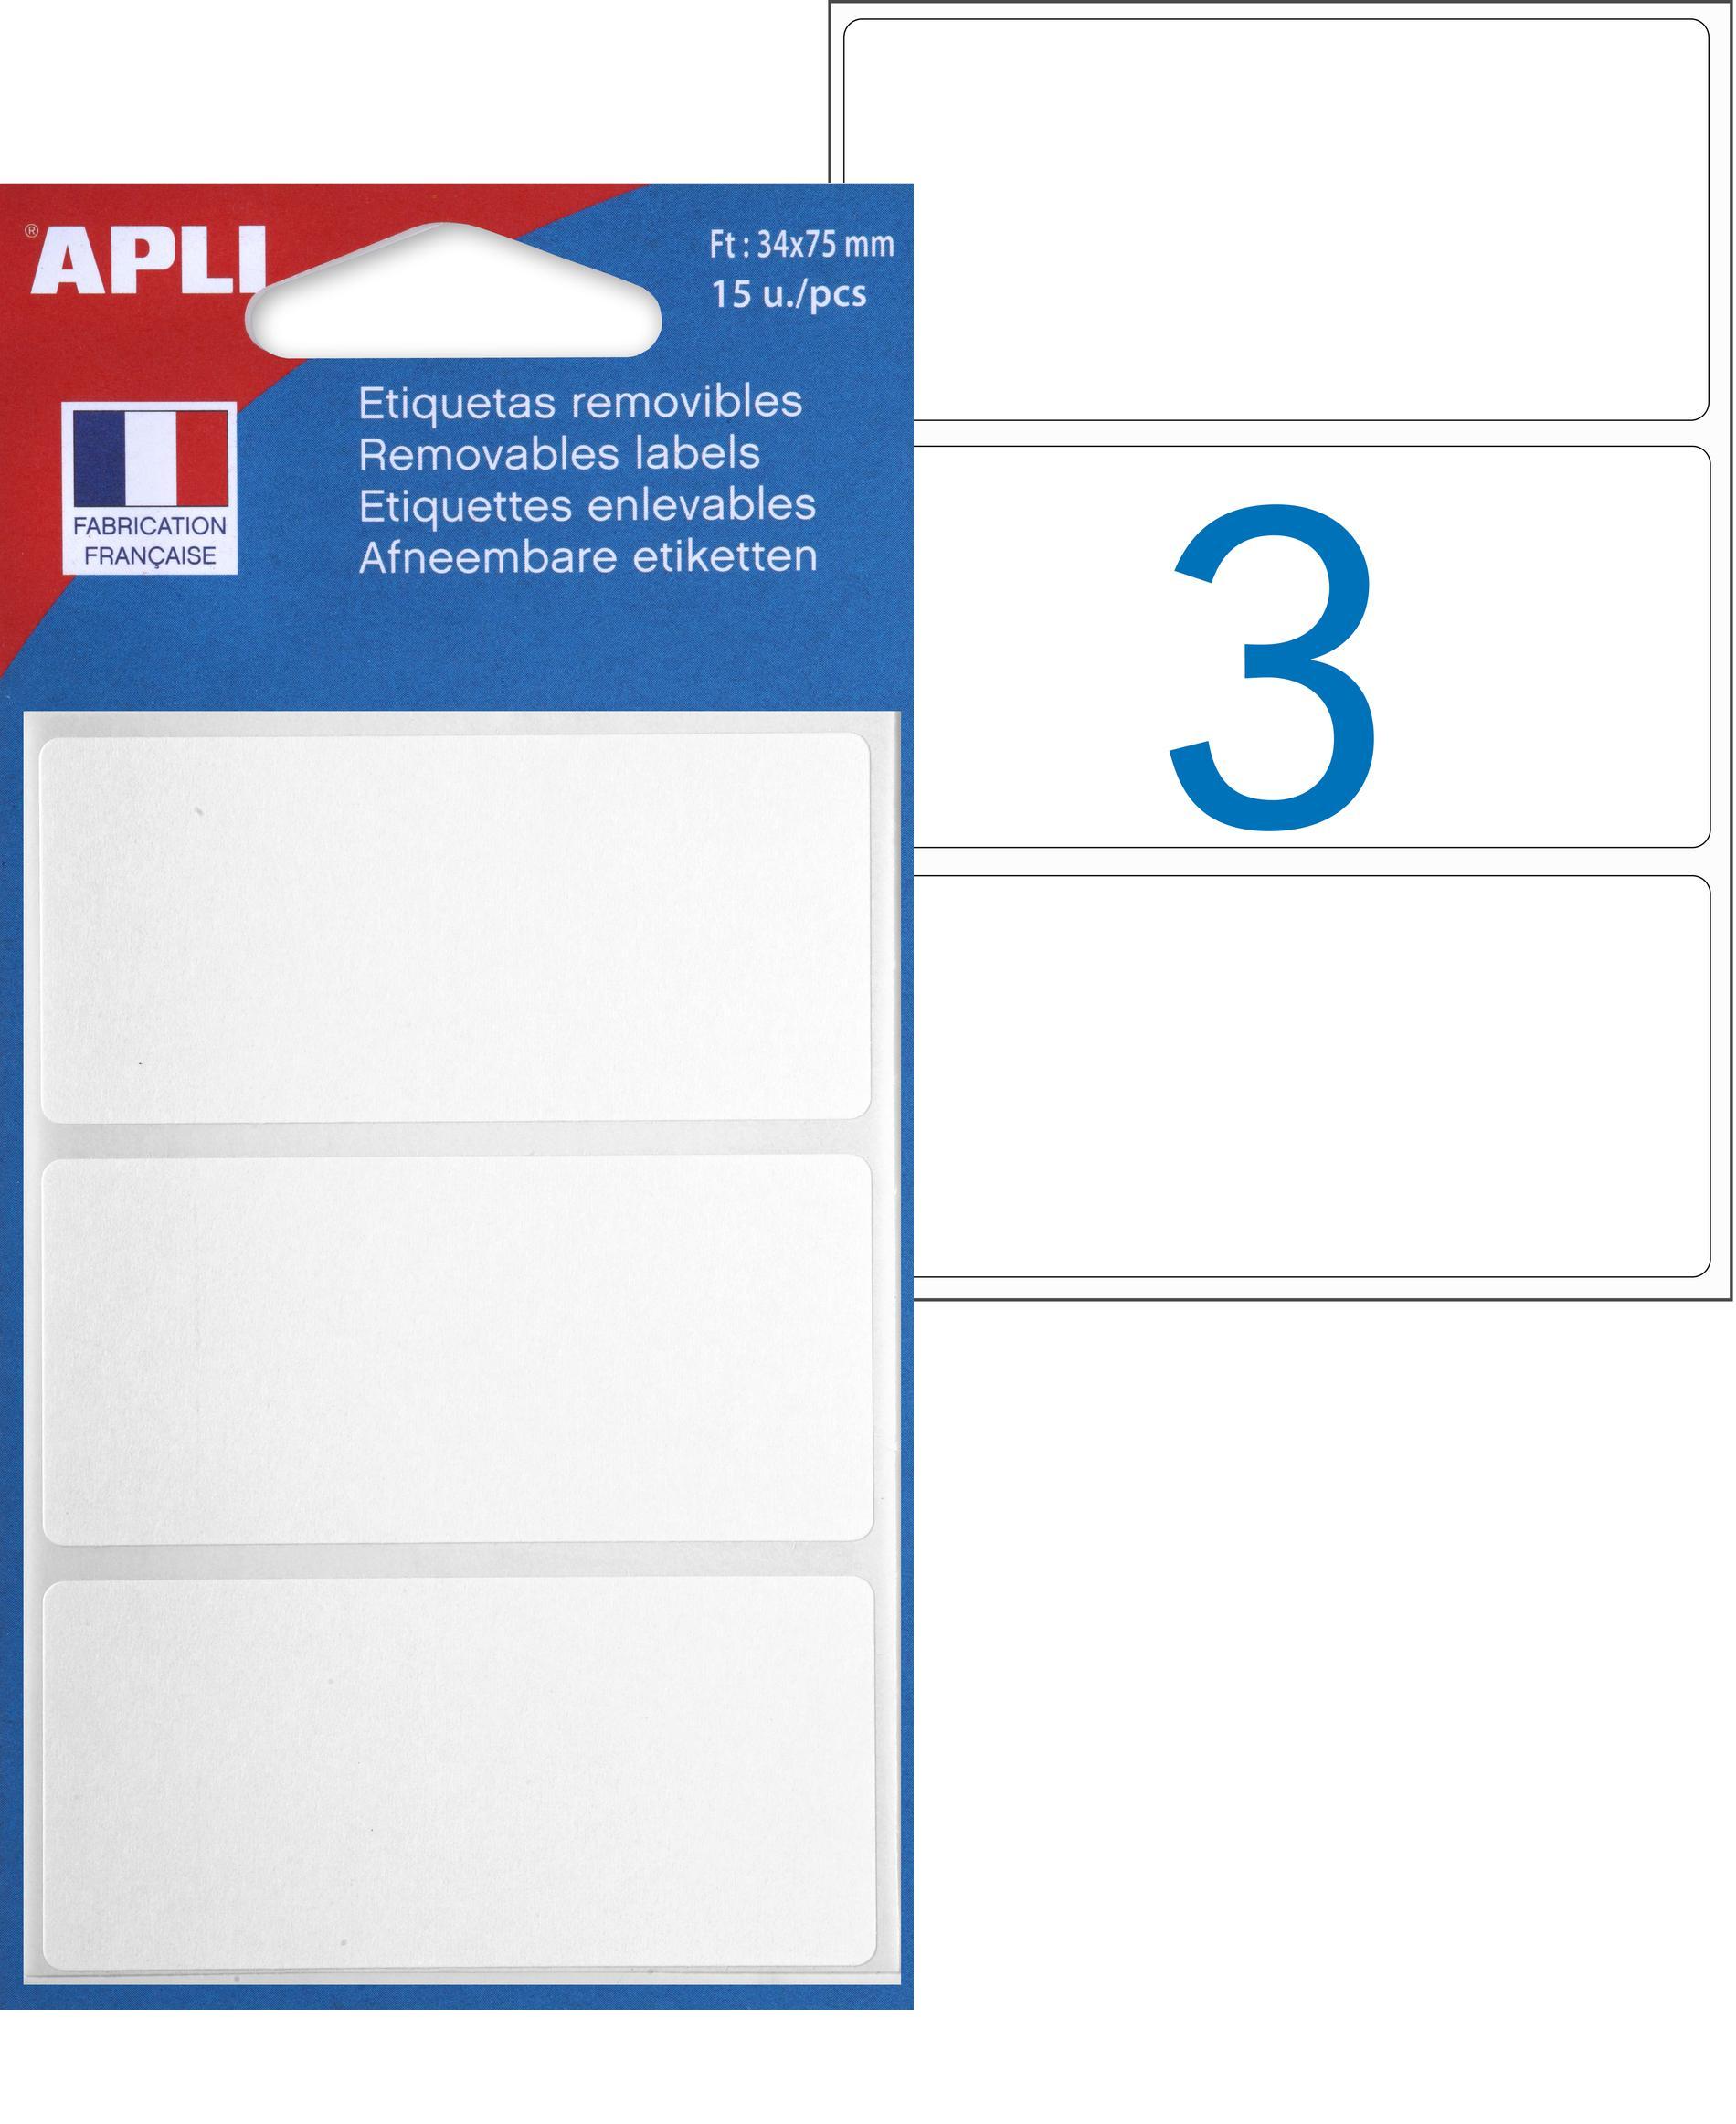 Apli Agipa - 15 Étiquettes enlevables blanches - 75 x 34 mm - Coins arrondis - réf 101095